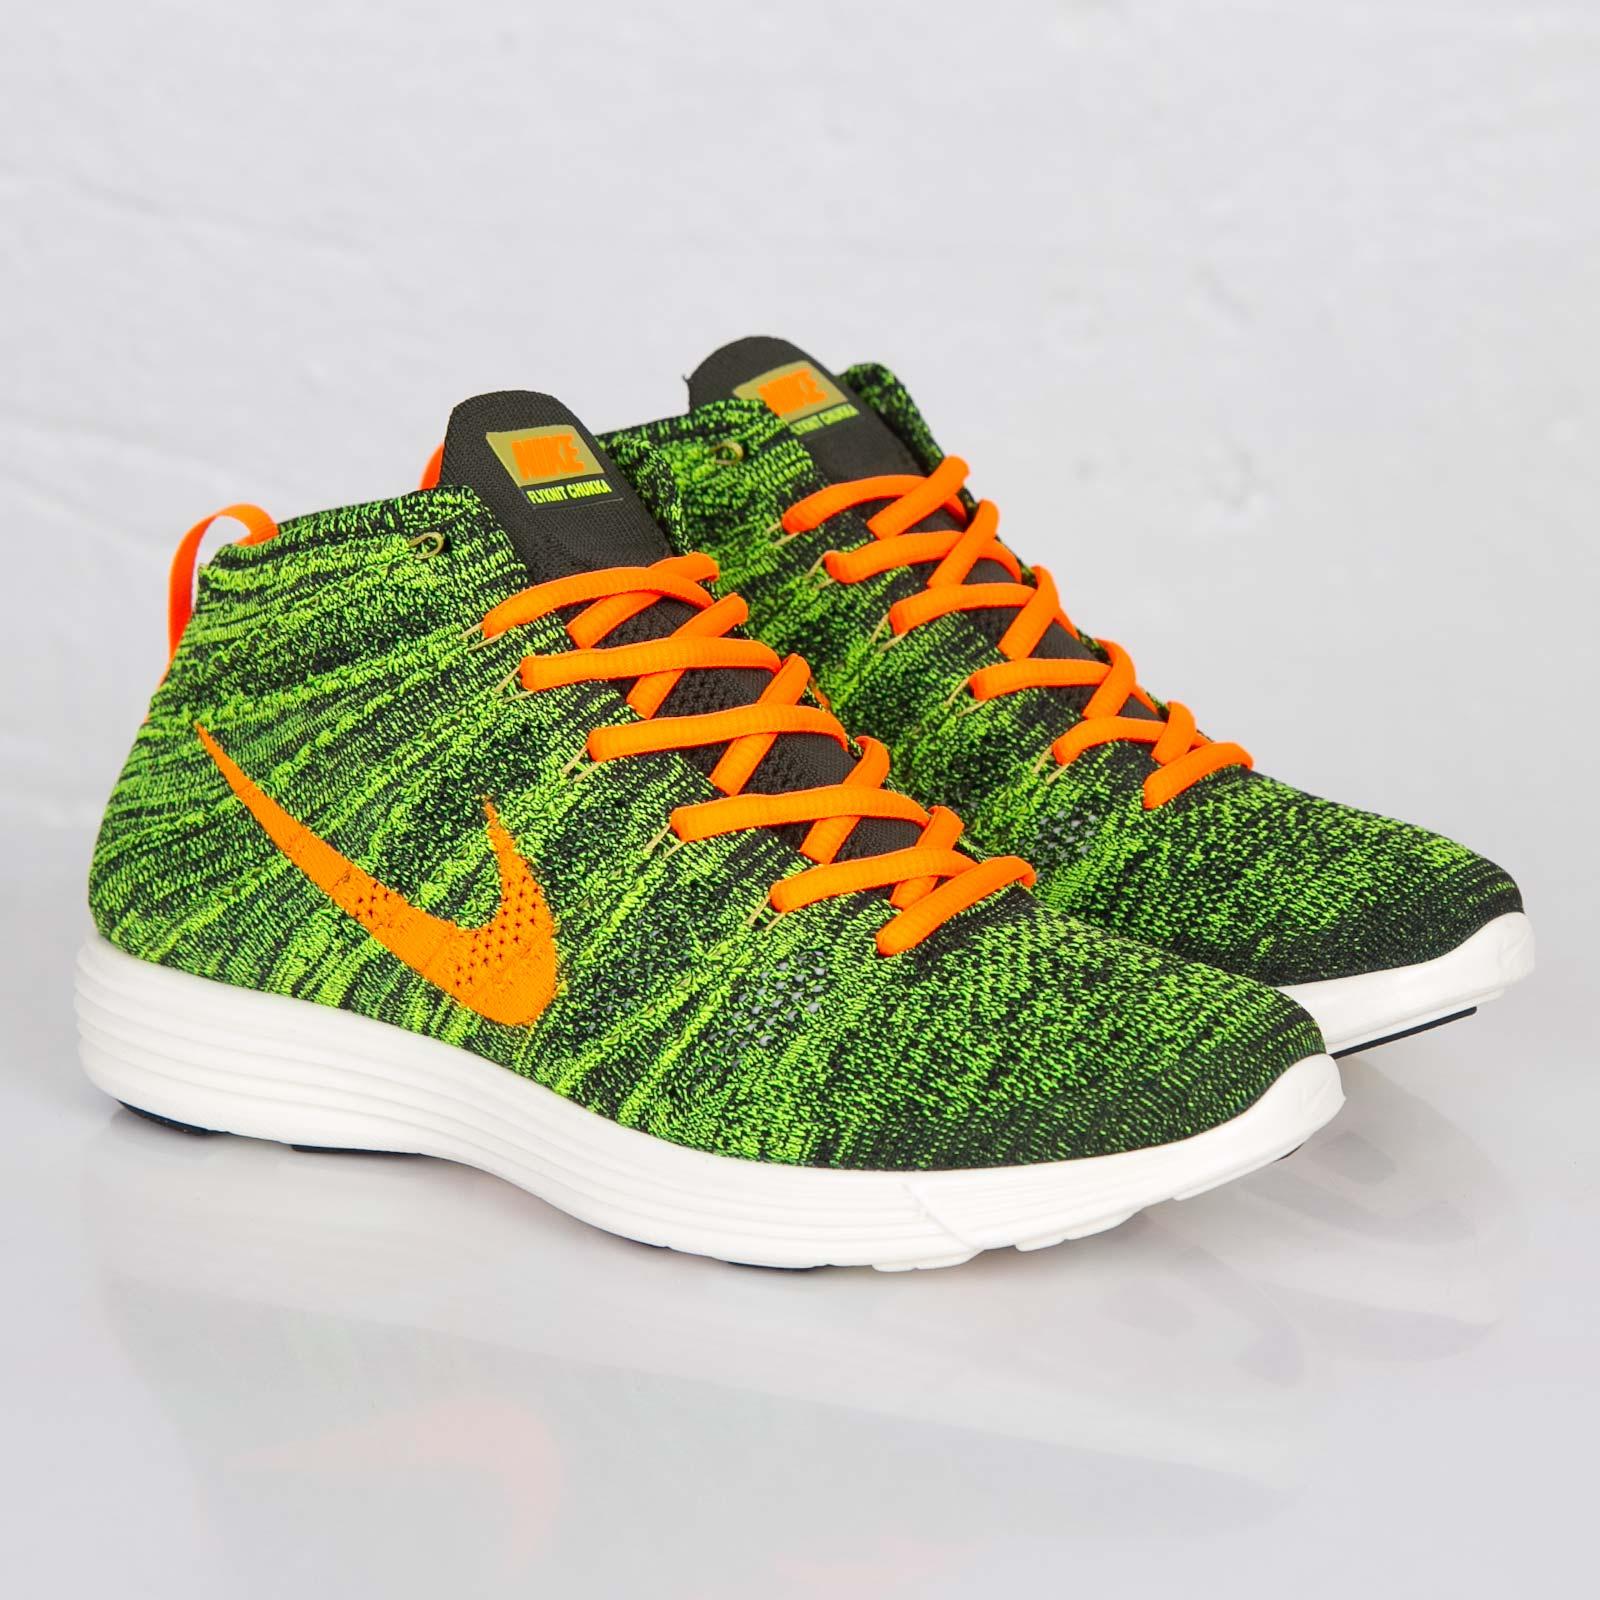 wholesale dealer 9b5fa e60f9 Nike Lunar Flyknit Chukka - 554969-080 - Sneakersnstuff | sneakers ...